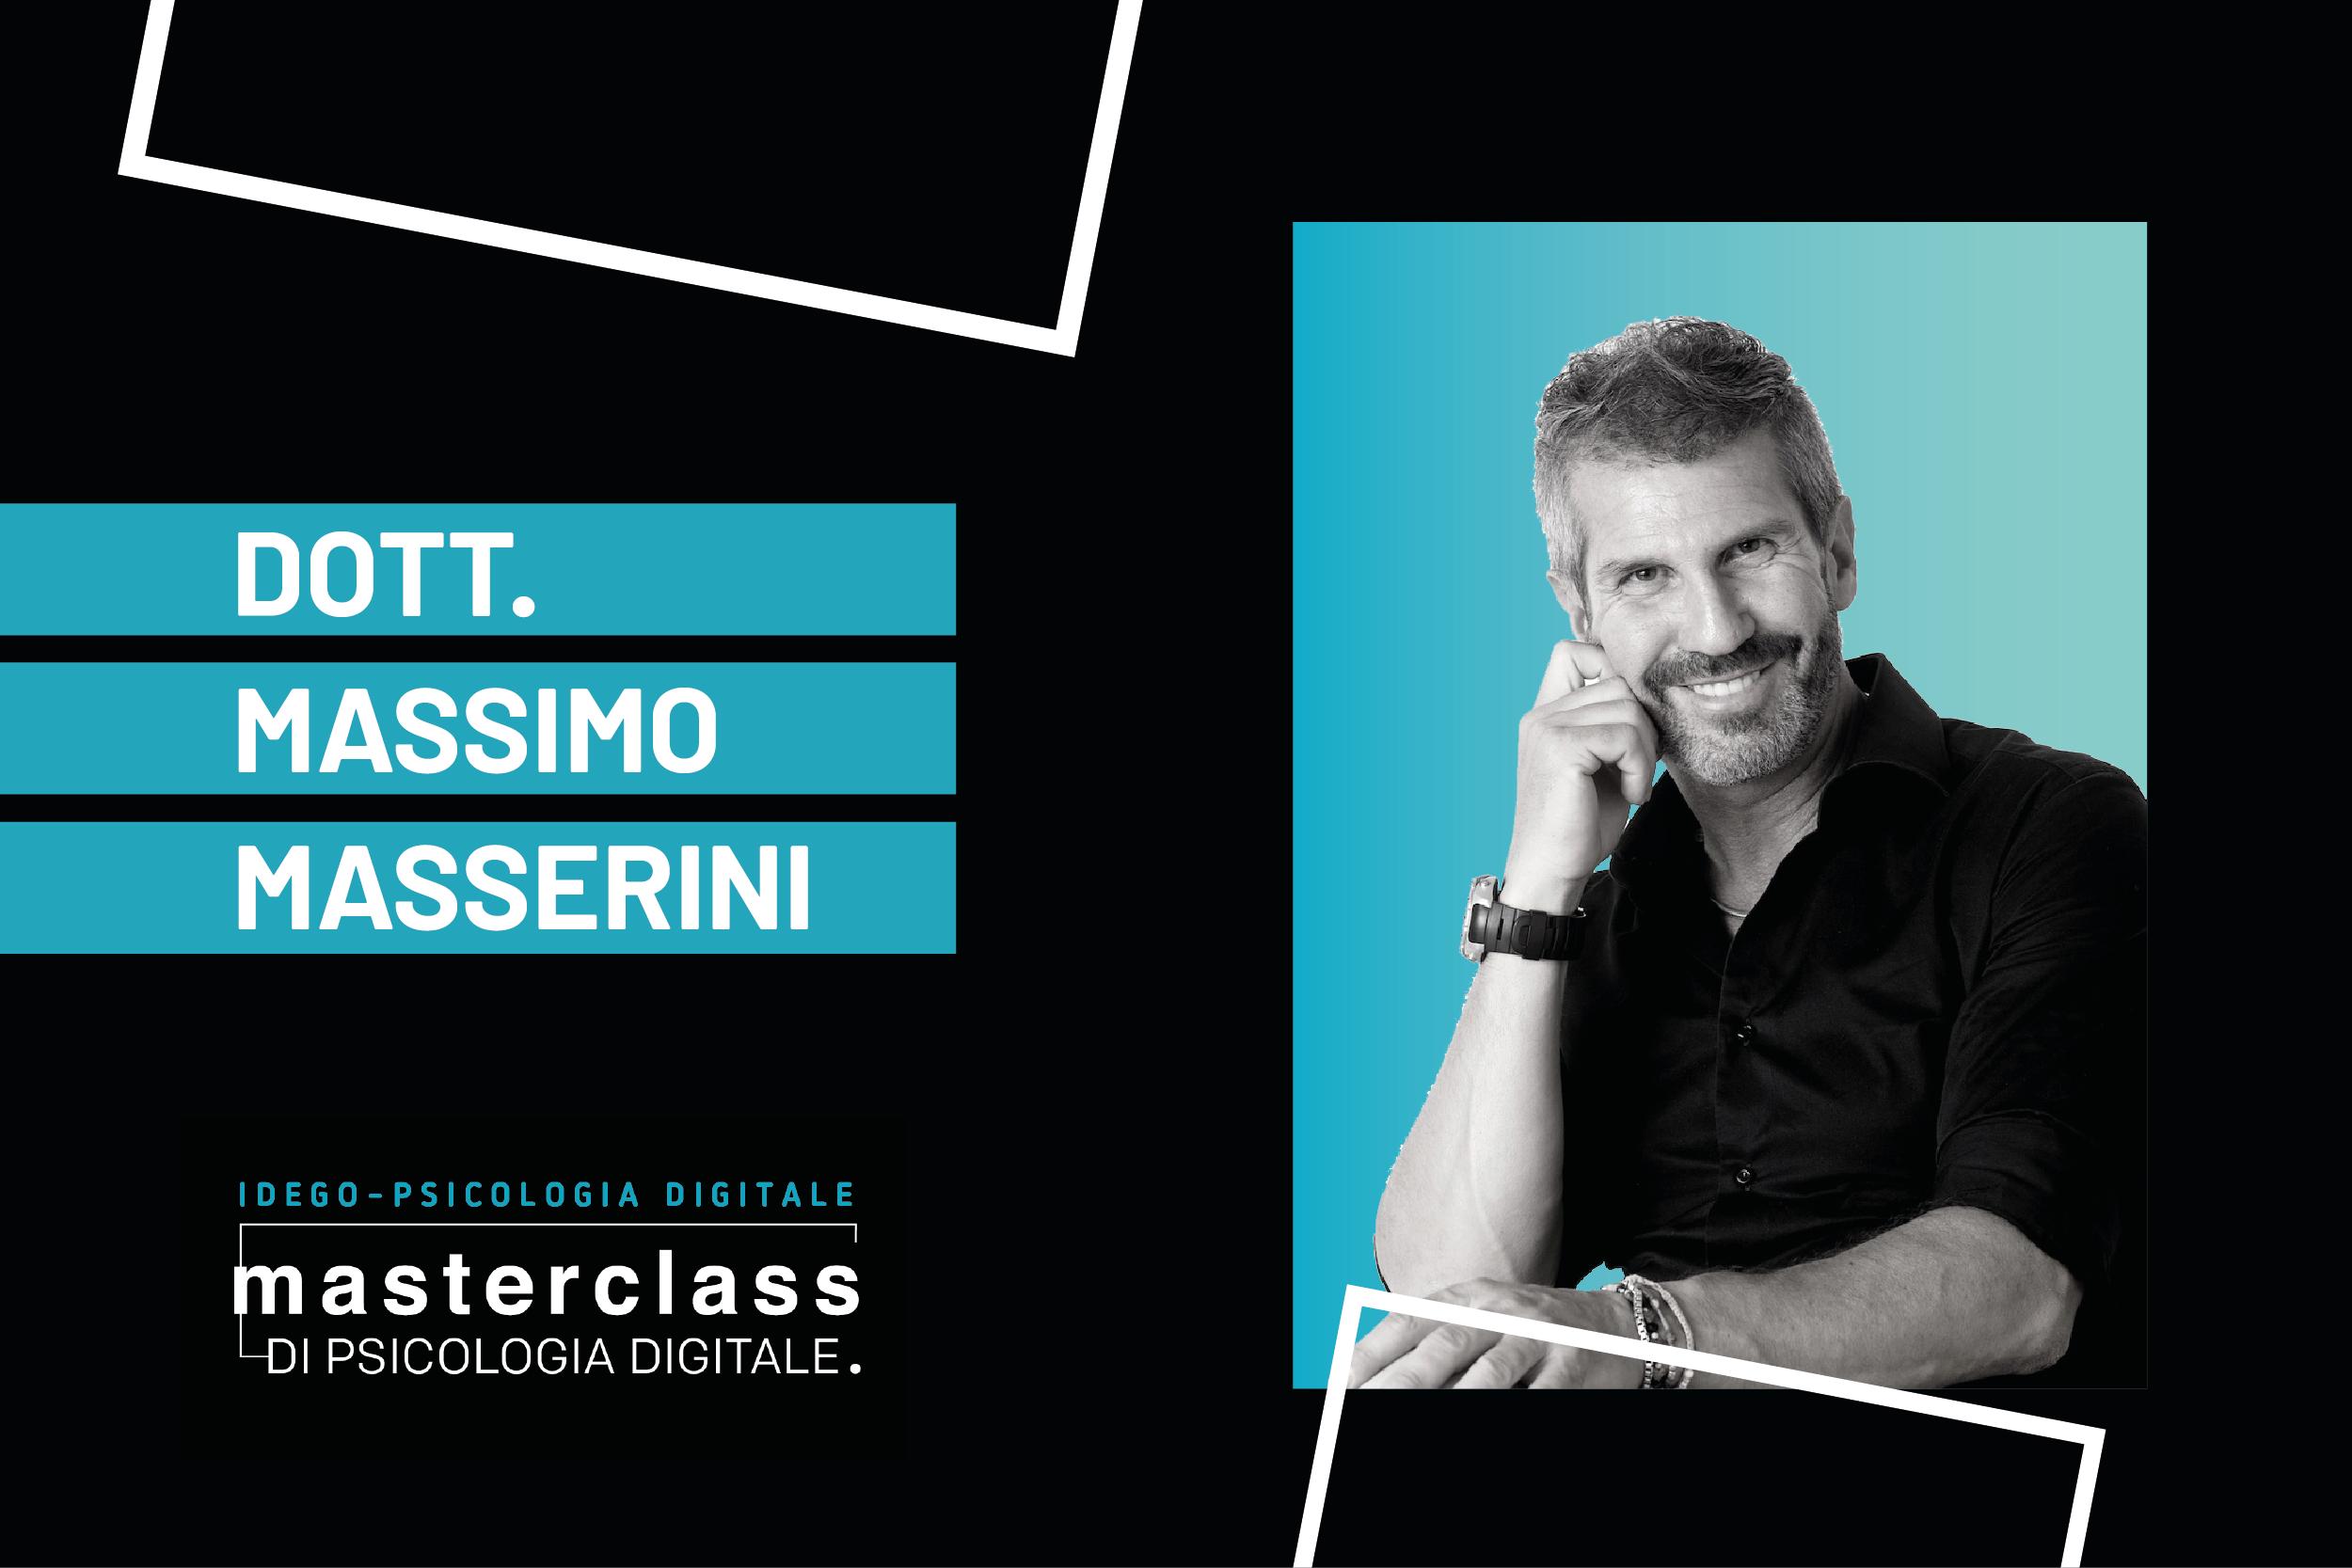 Realtà Virtuale: L'attività Del Dott. Massimo Masserini Presso Mindfit Clinic